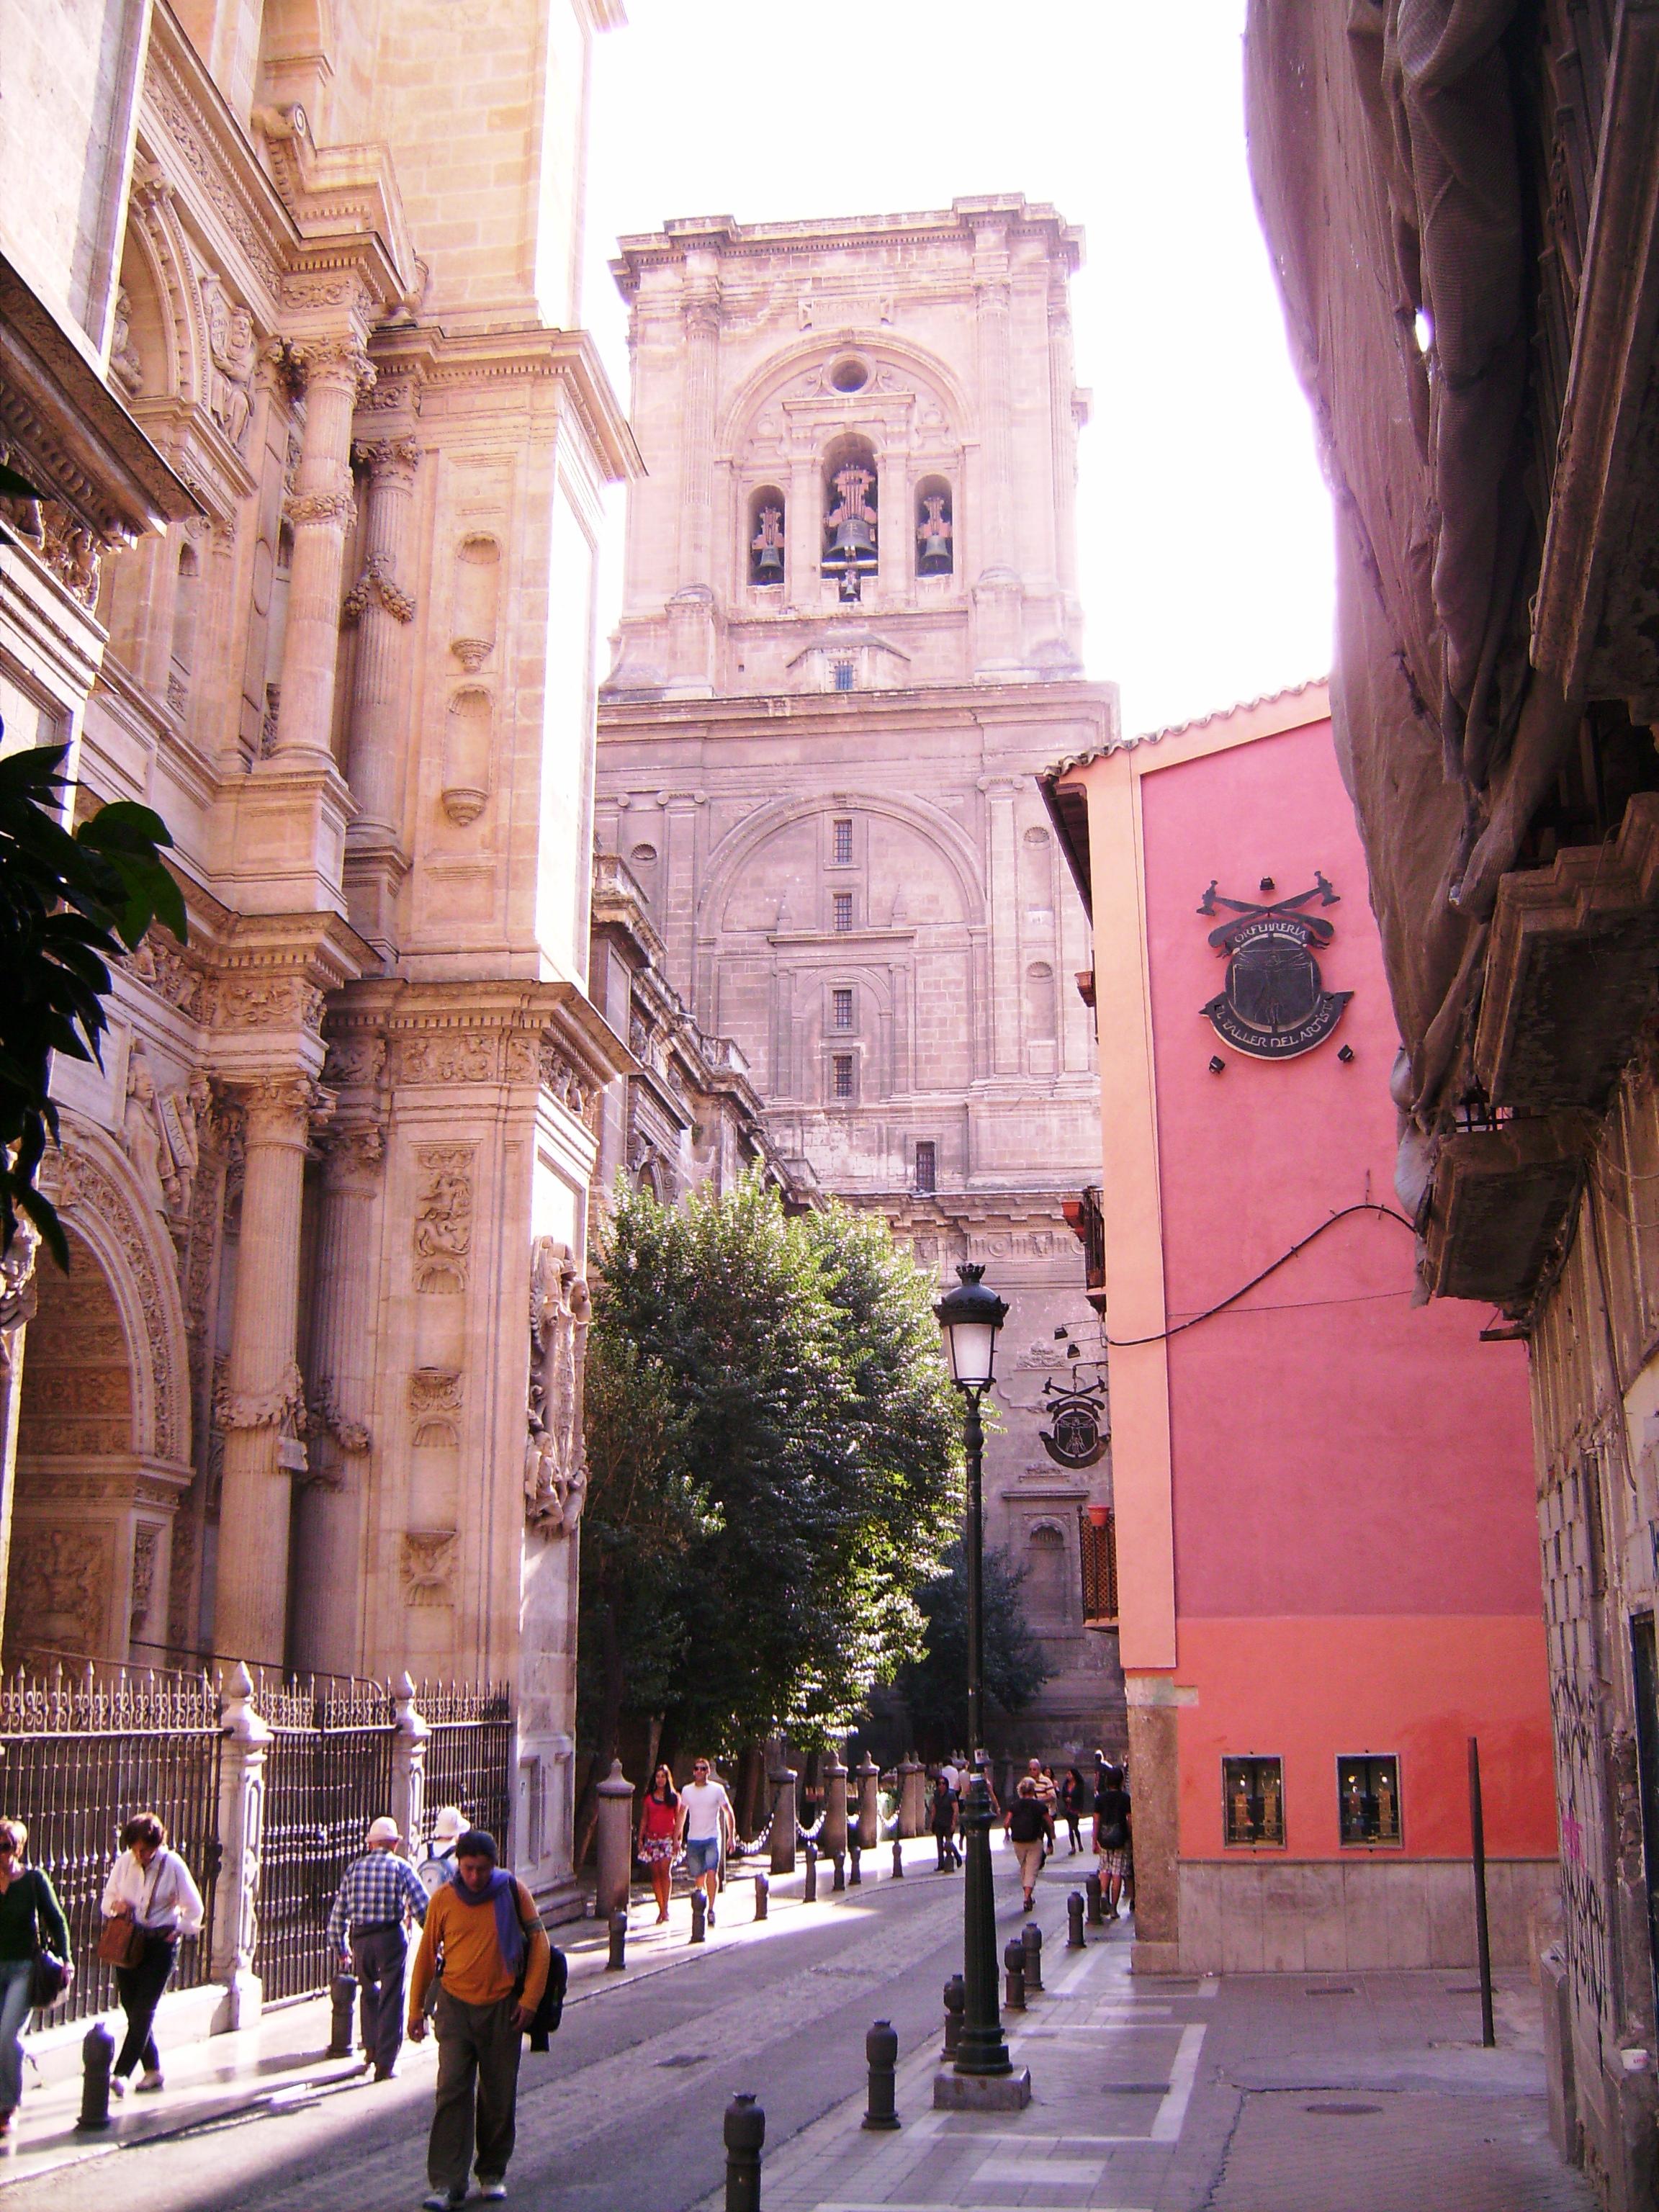 Ezt katedrálist öt hajójával úgy tervezték, hogy Spanyolország legfontosabb reneszánsz építménye legyen.